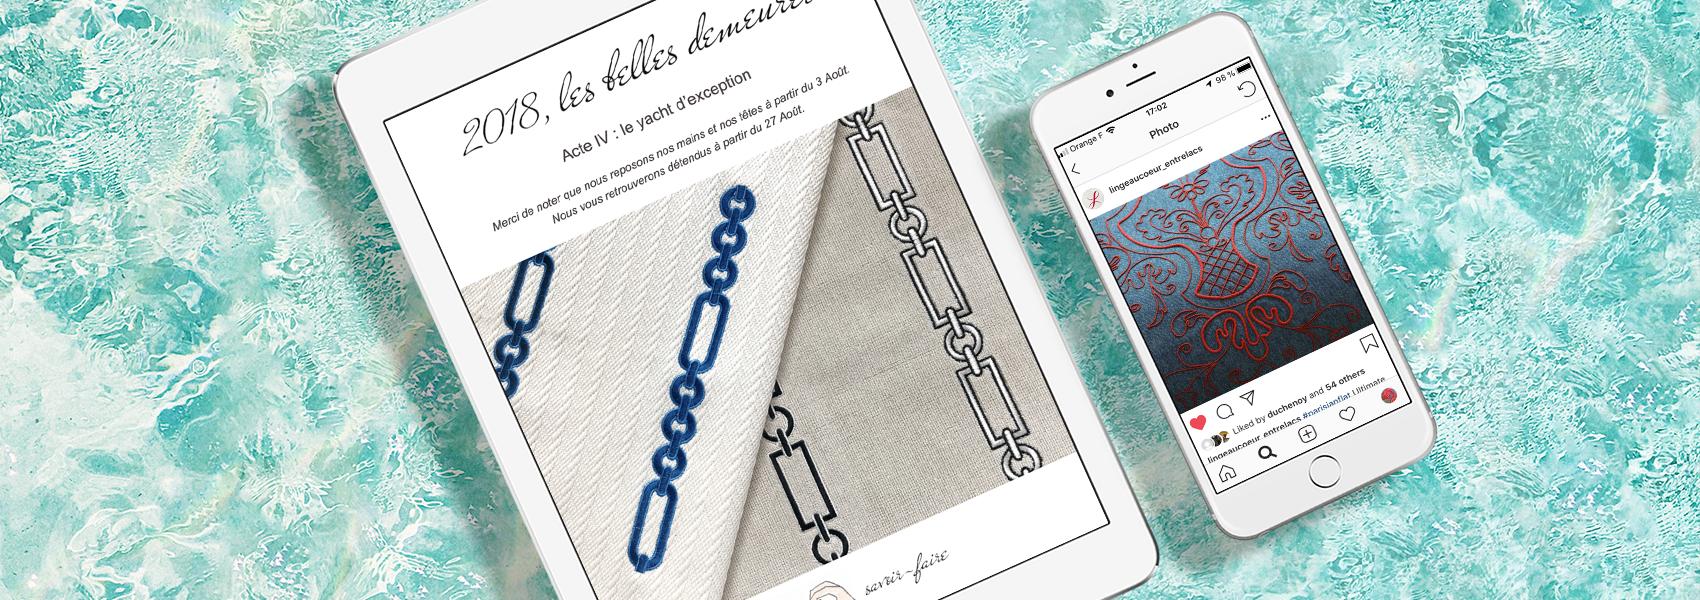 Direction artistique de la photographie, Direction artistique et communication digitale – Maison Duchénoy, Rebellis, Rebellis